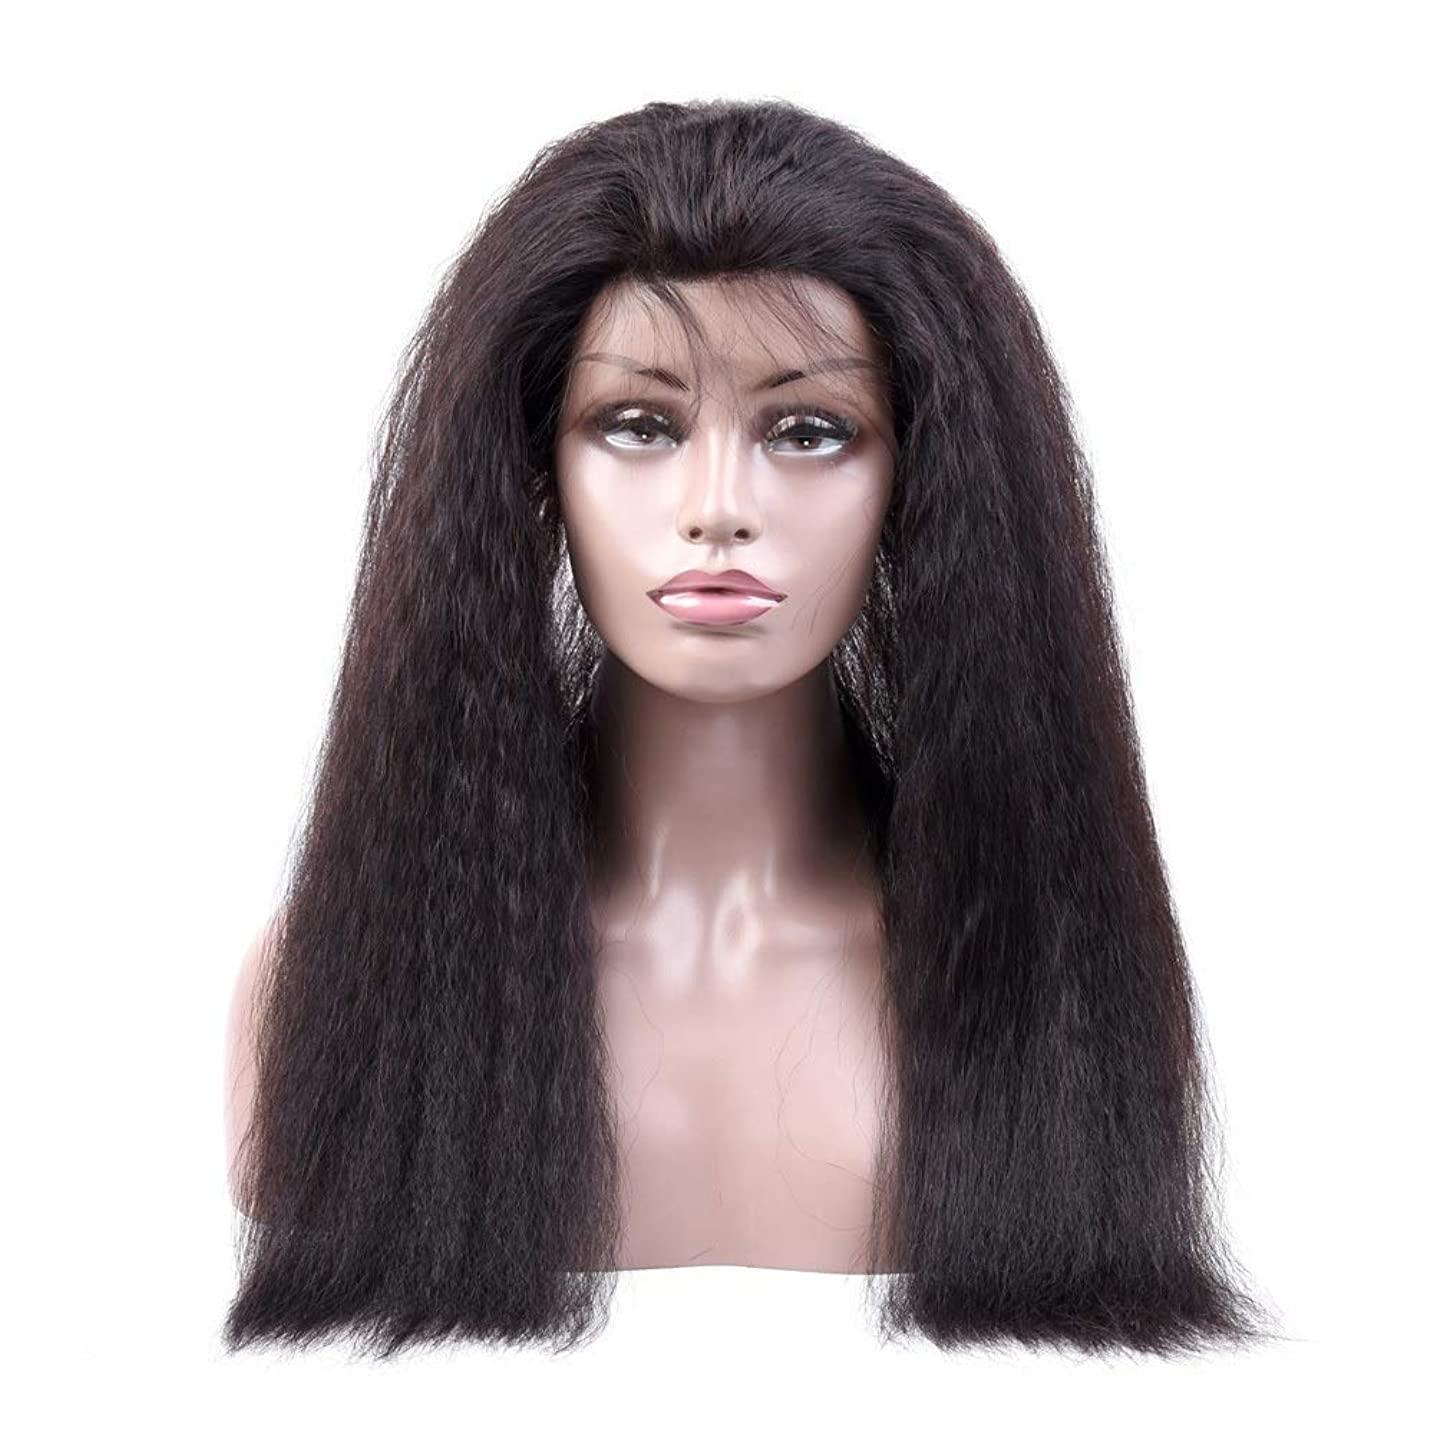 元気ハックチョークYrattary 変態ストレート人間の髪の毛のかつら360レース前頭かつら#1Bナチュラルカラー女性複合かつらレースかつらロールプレイングかつら (色 : 黒, サイズ : 18 inch)